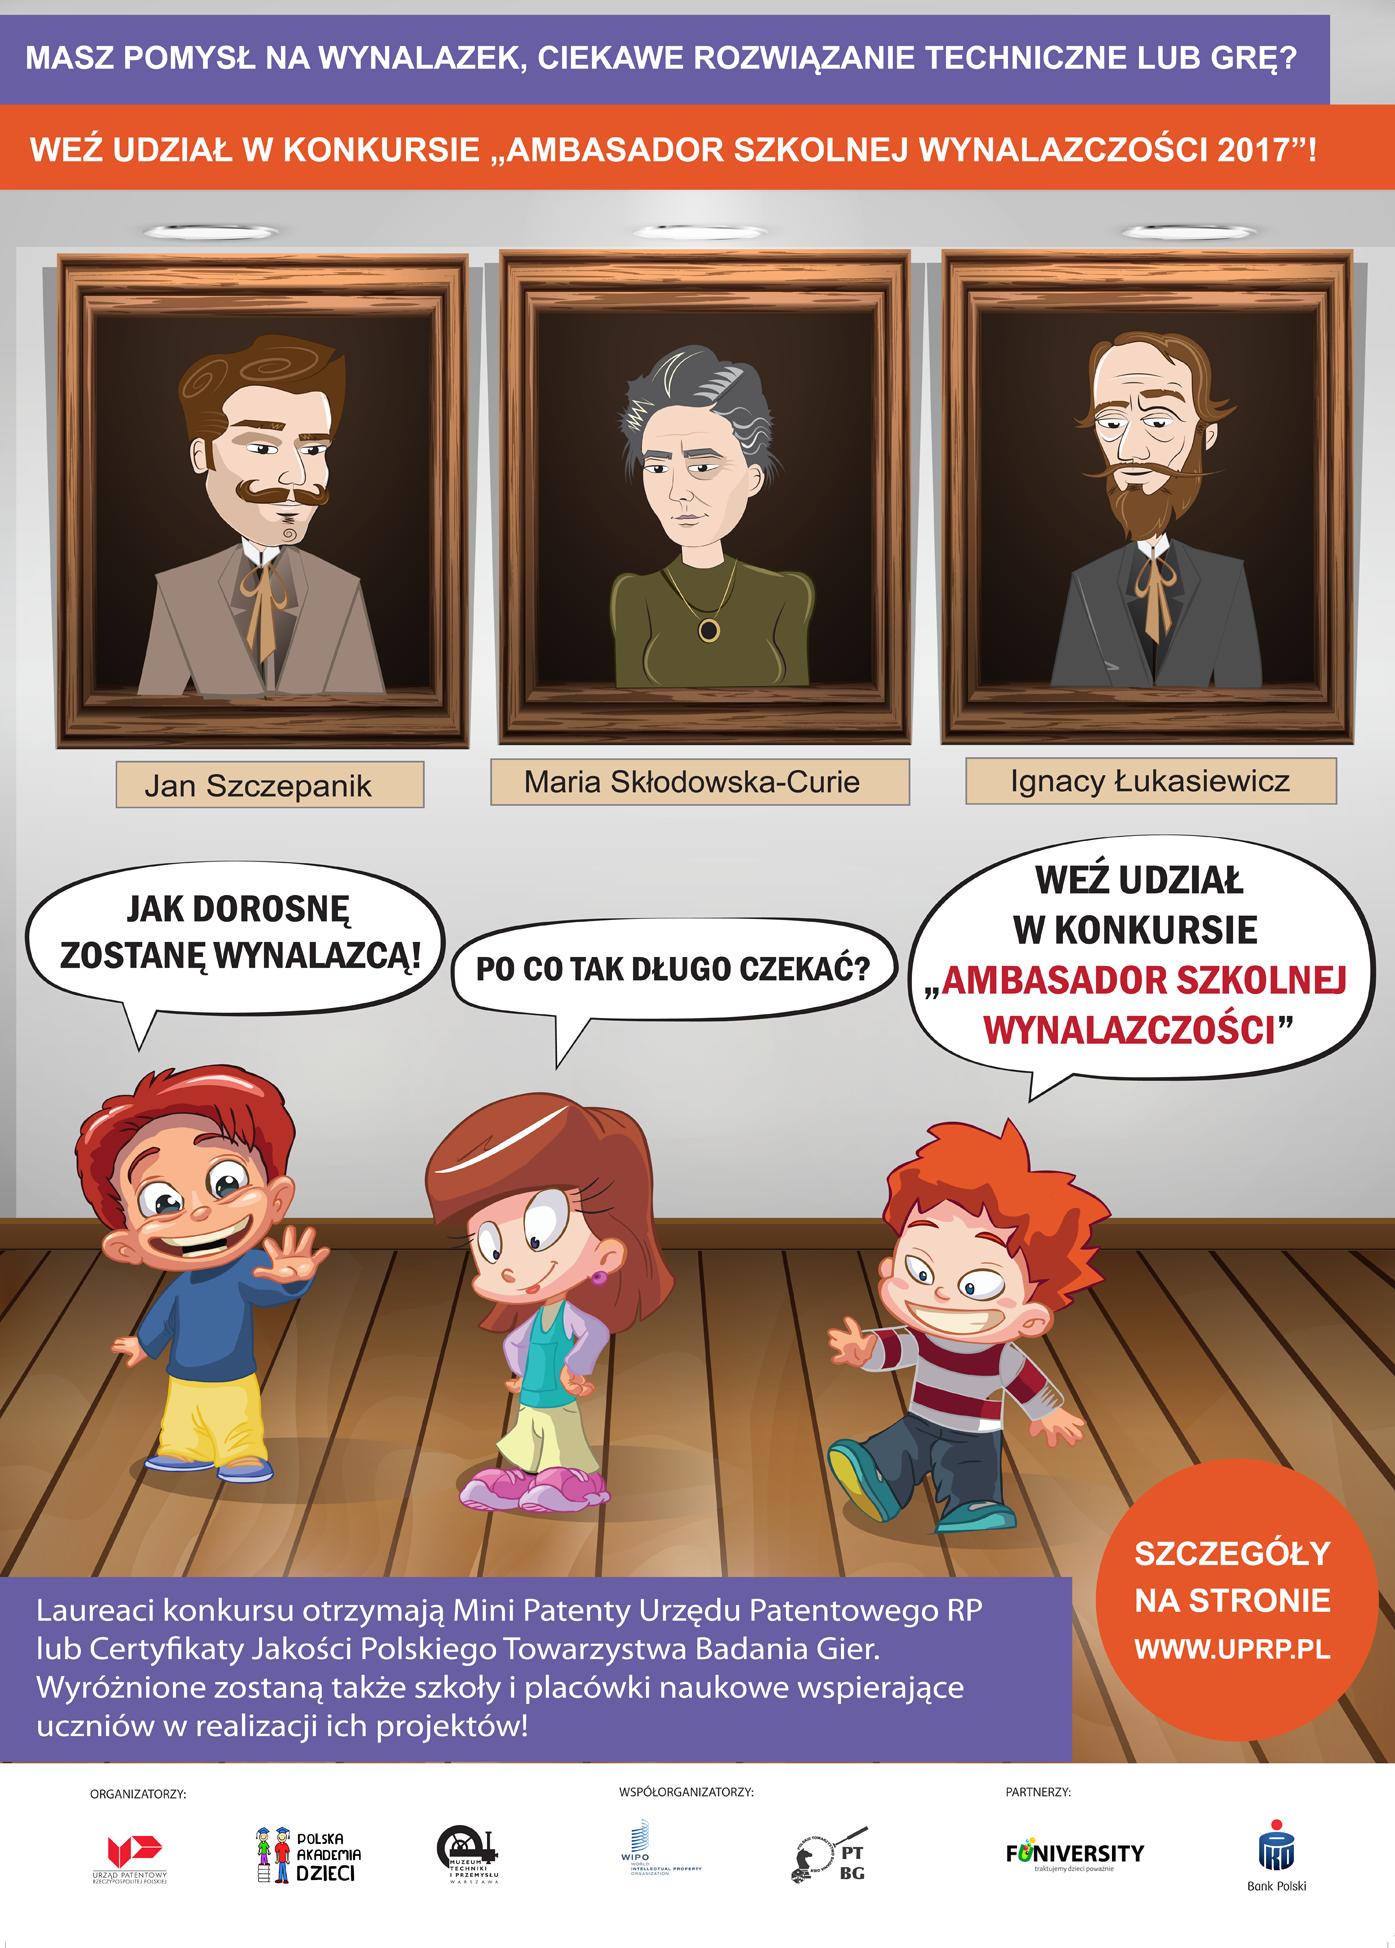 Konkurs Ambasador Szkolnej Wynalazczości 2017